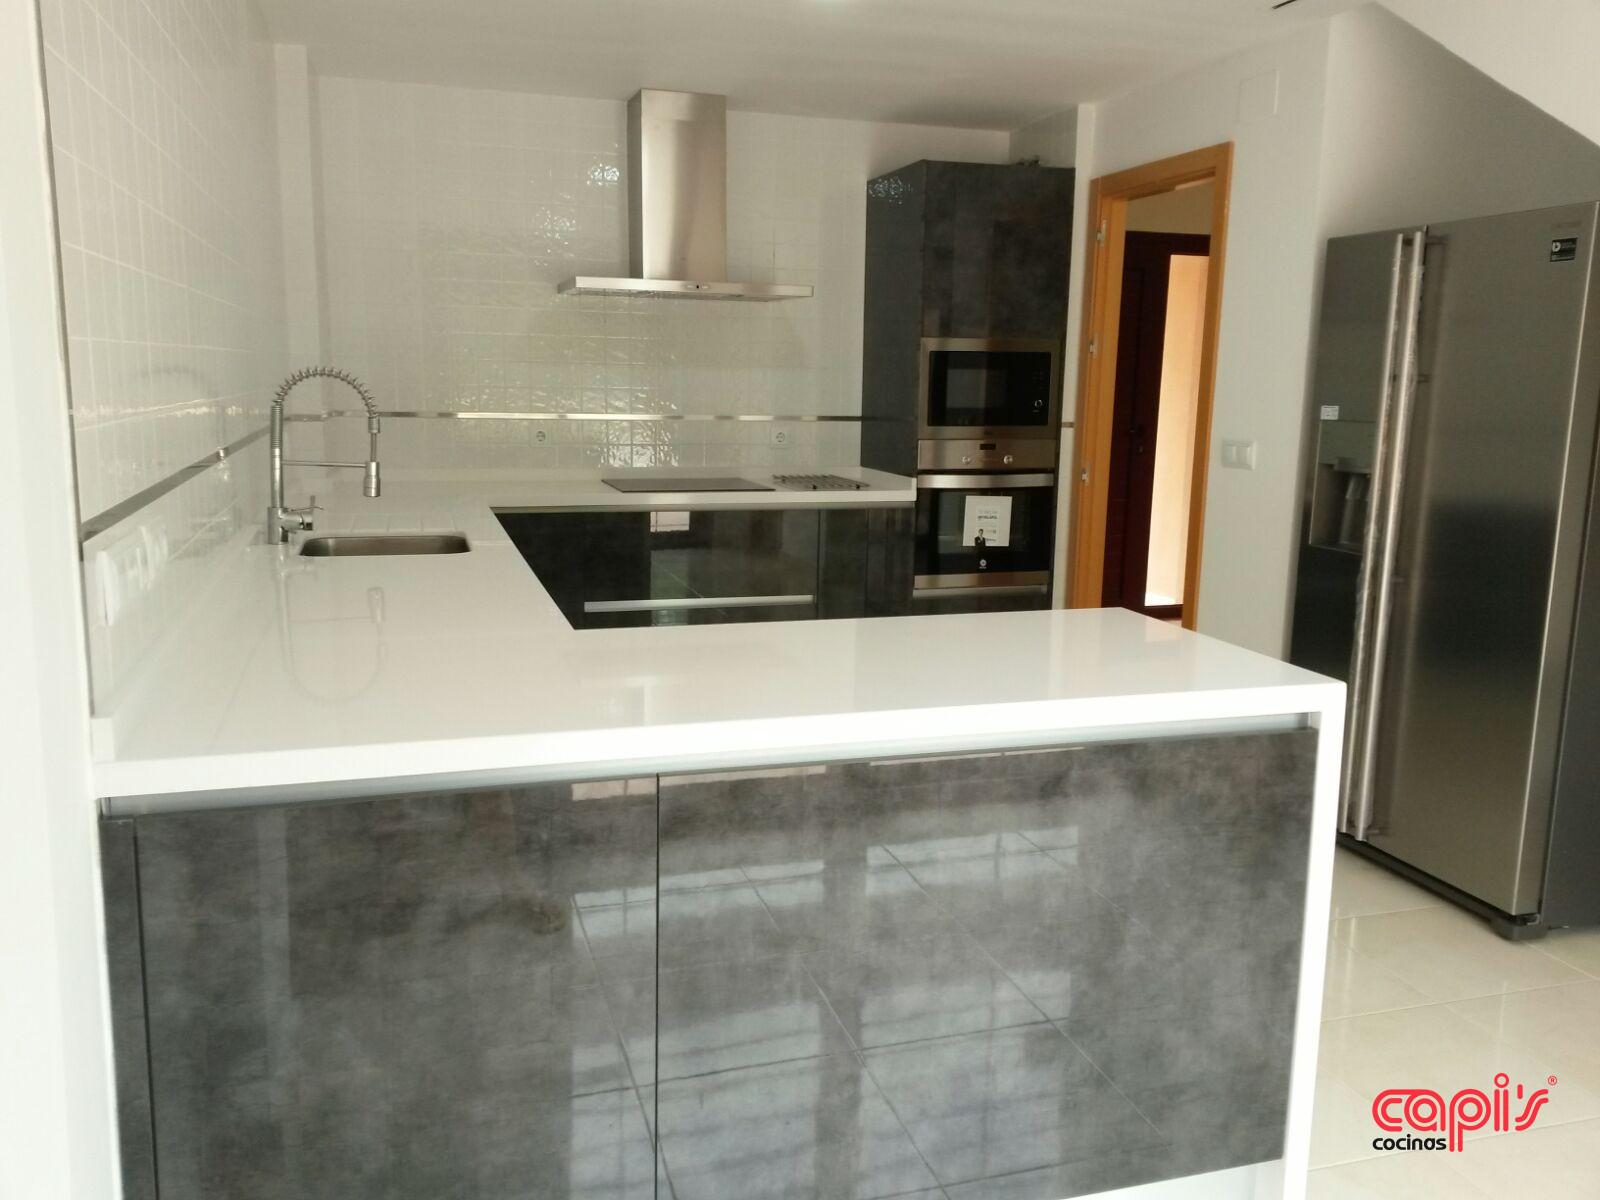 Cocina Antracita - Cocinas Capis, diseño y fabricación de cocinas en ...